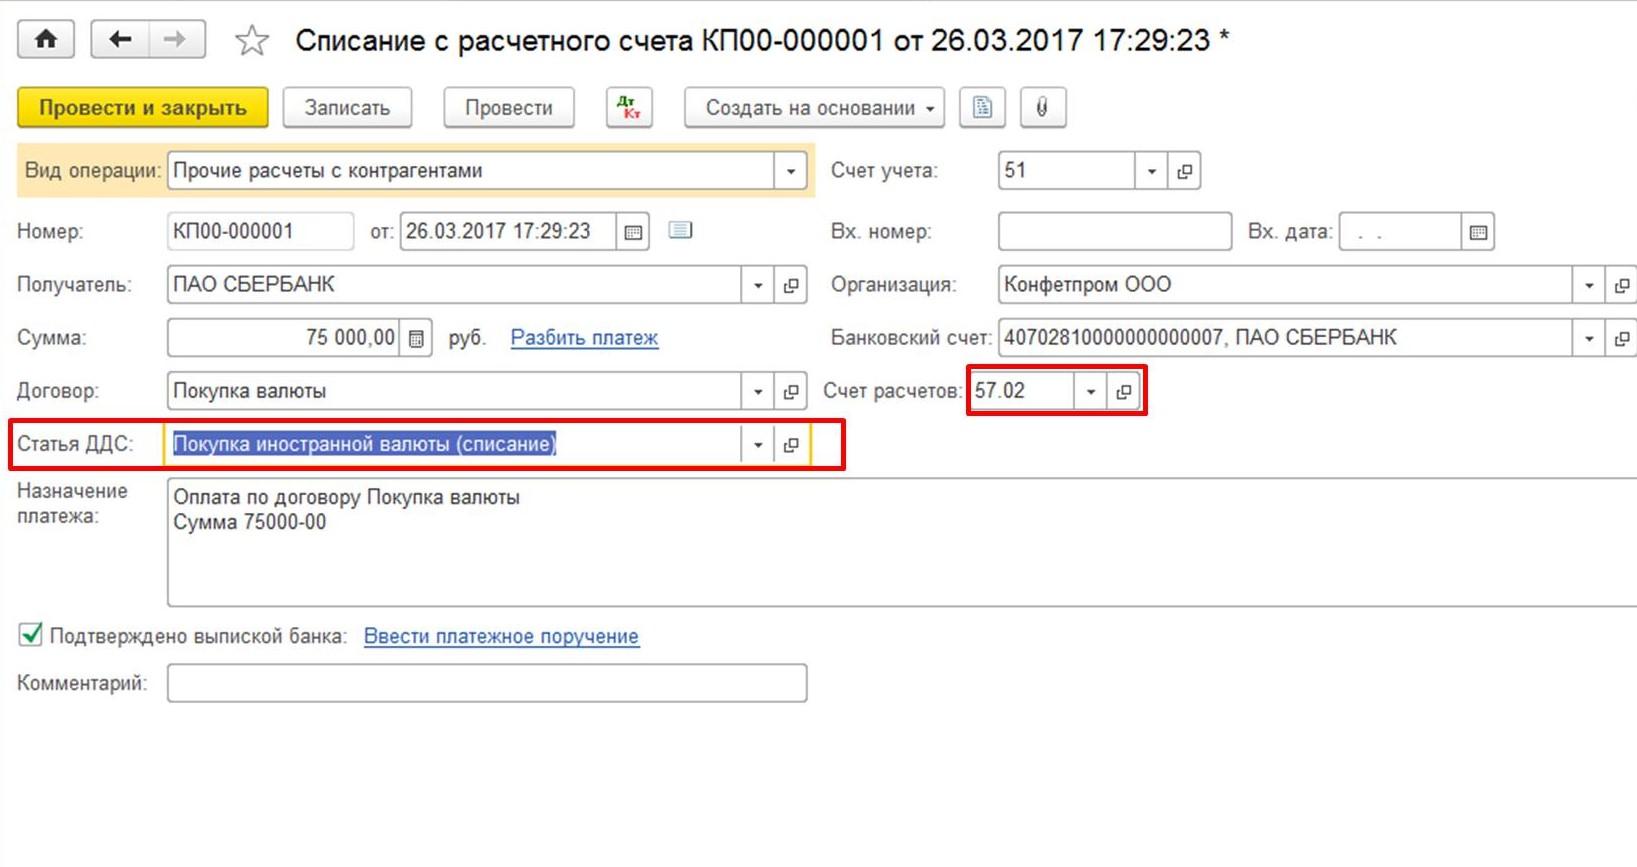 Российский бухгалтер. Презенты партнерам 68